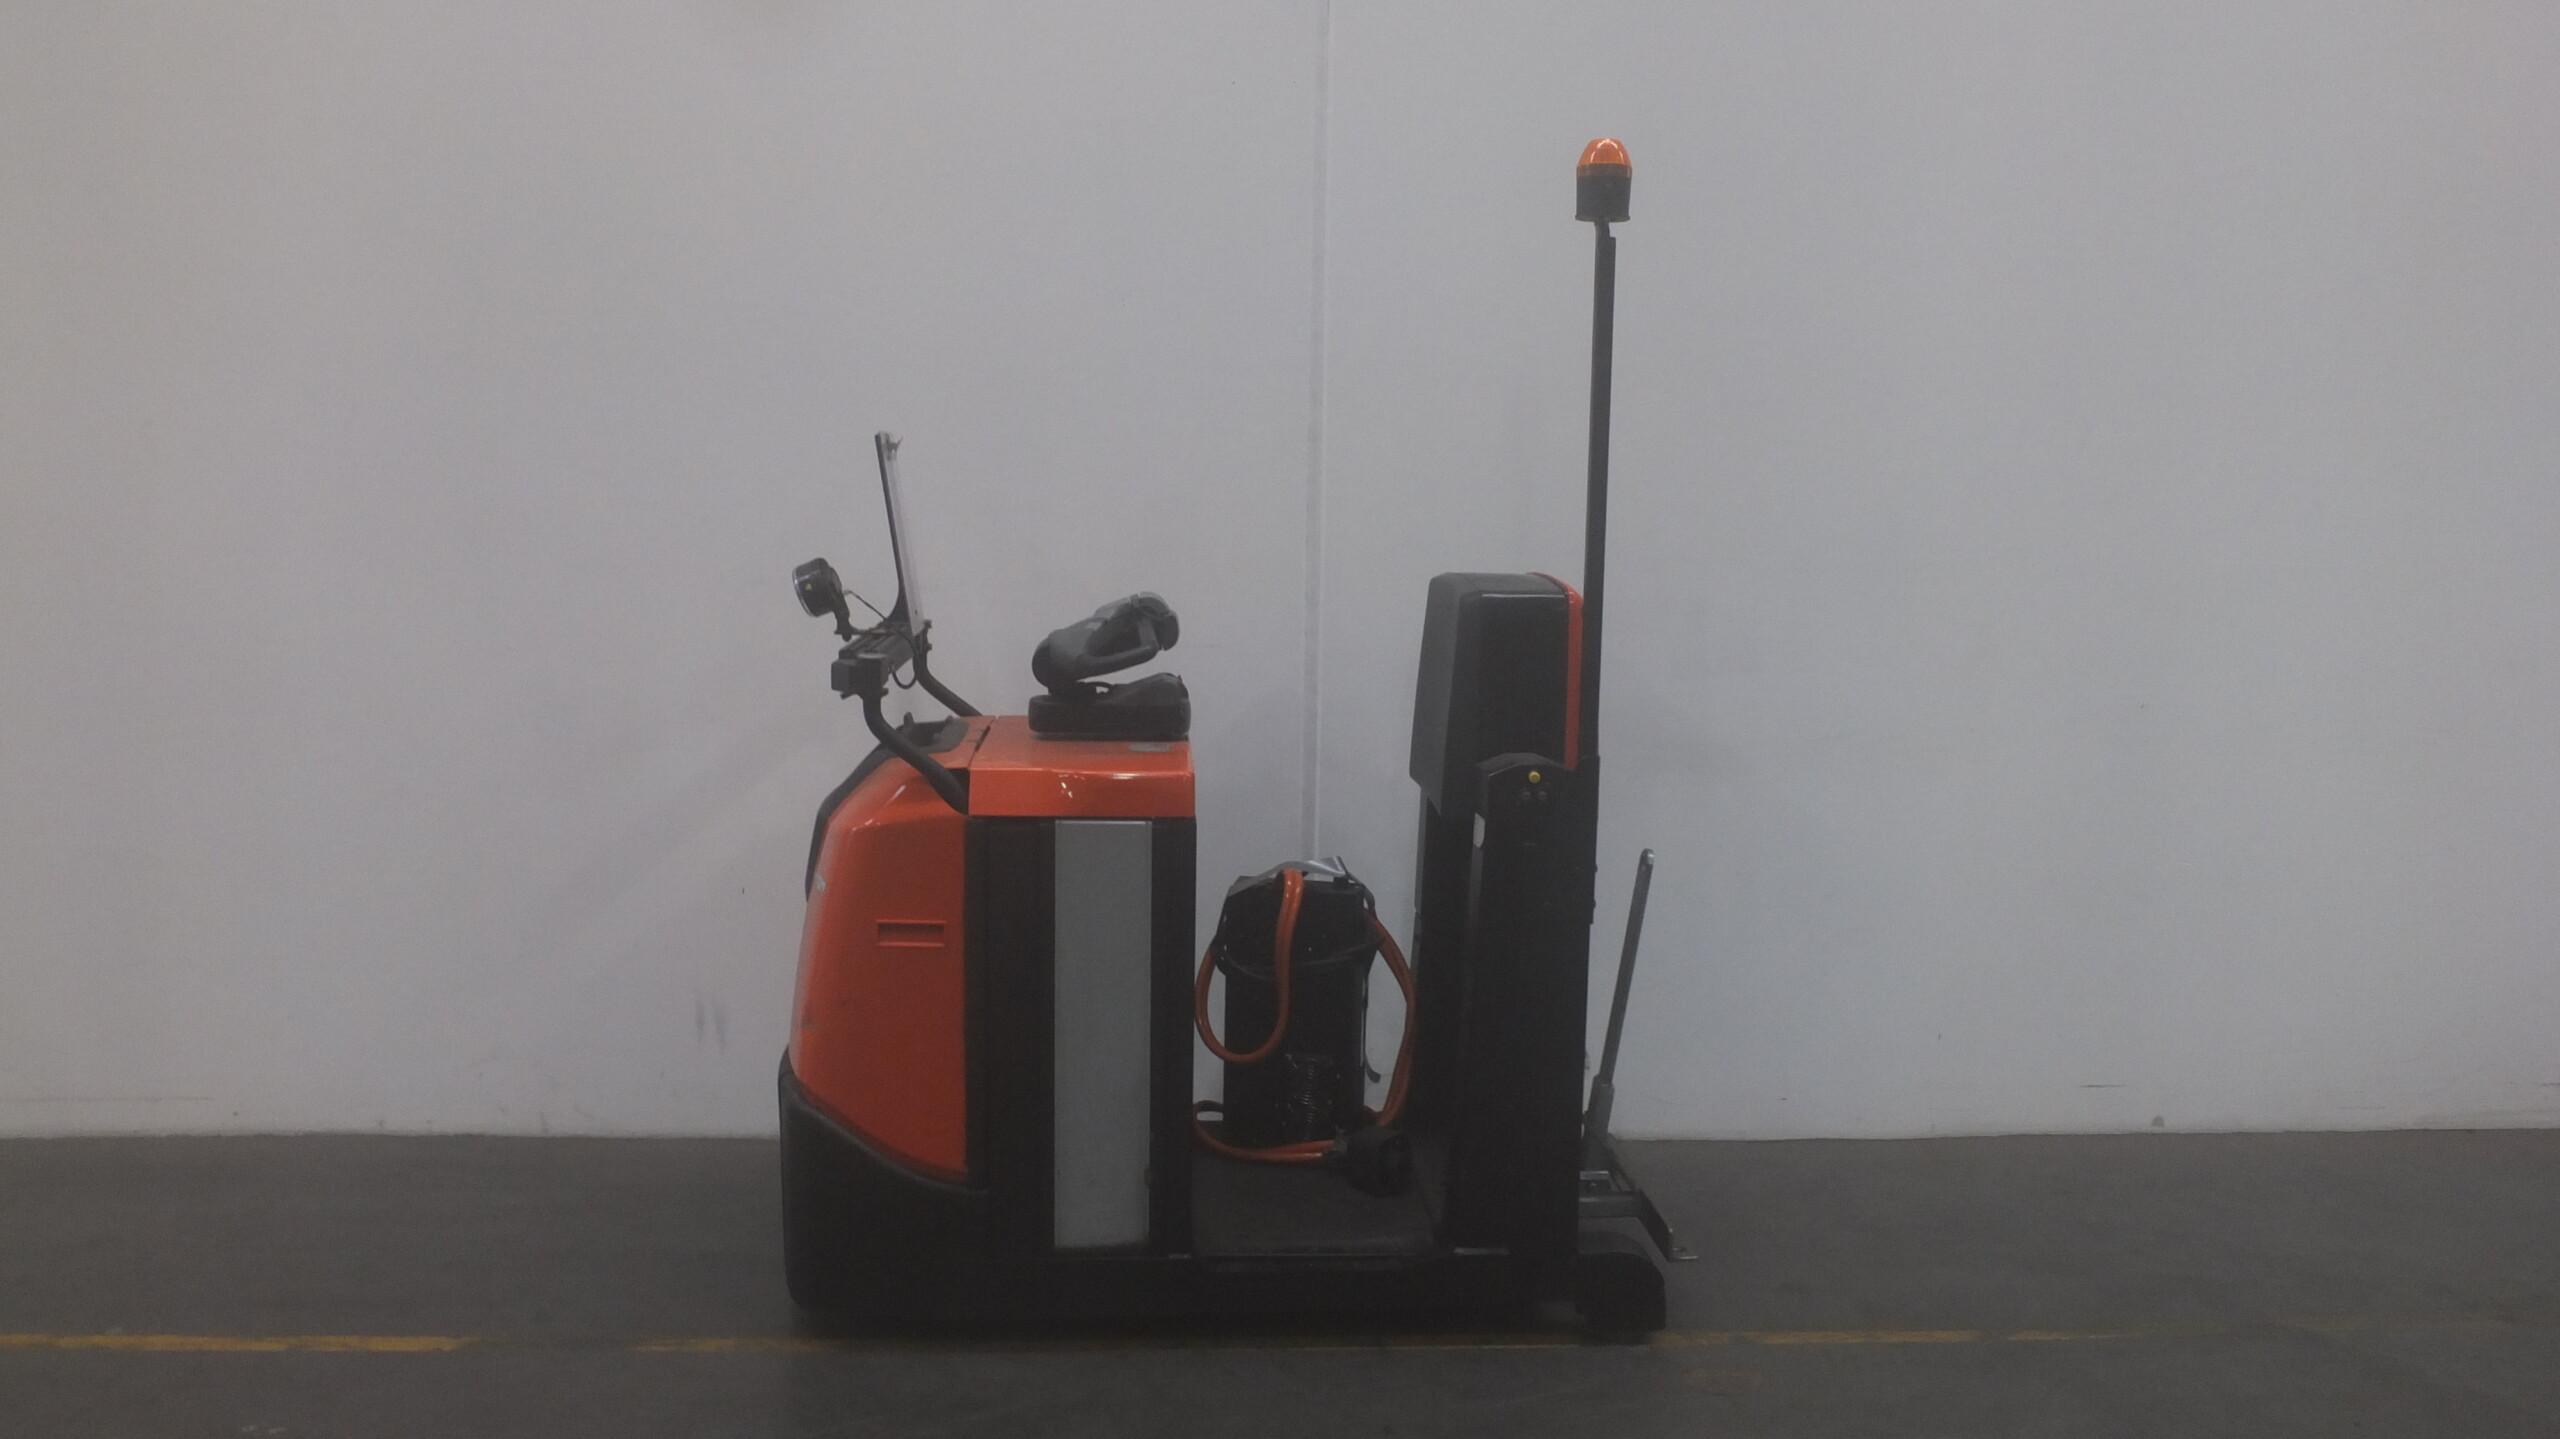 Toyota-Gabelstapler-59840 1803040074 1 6 scaled